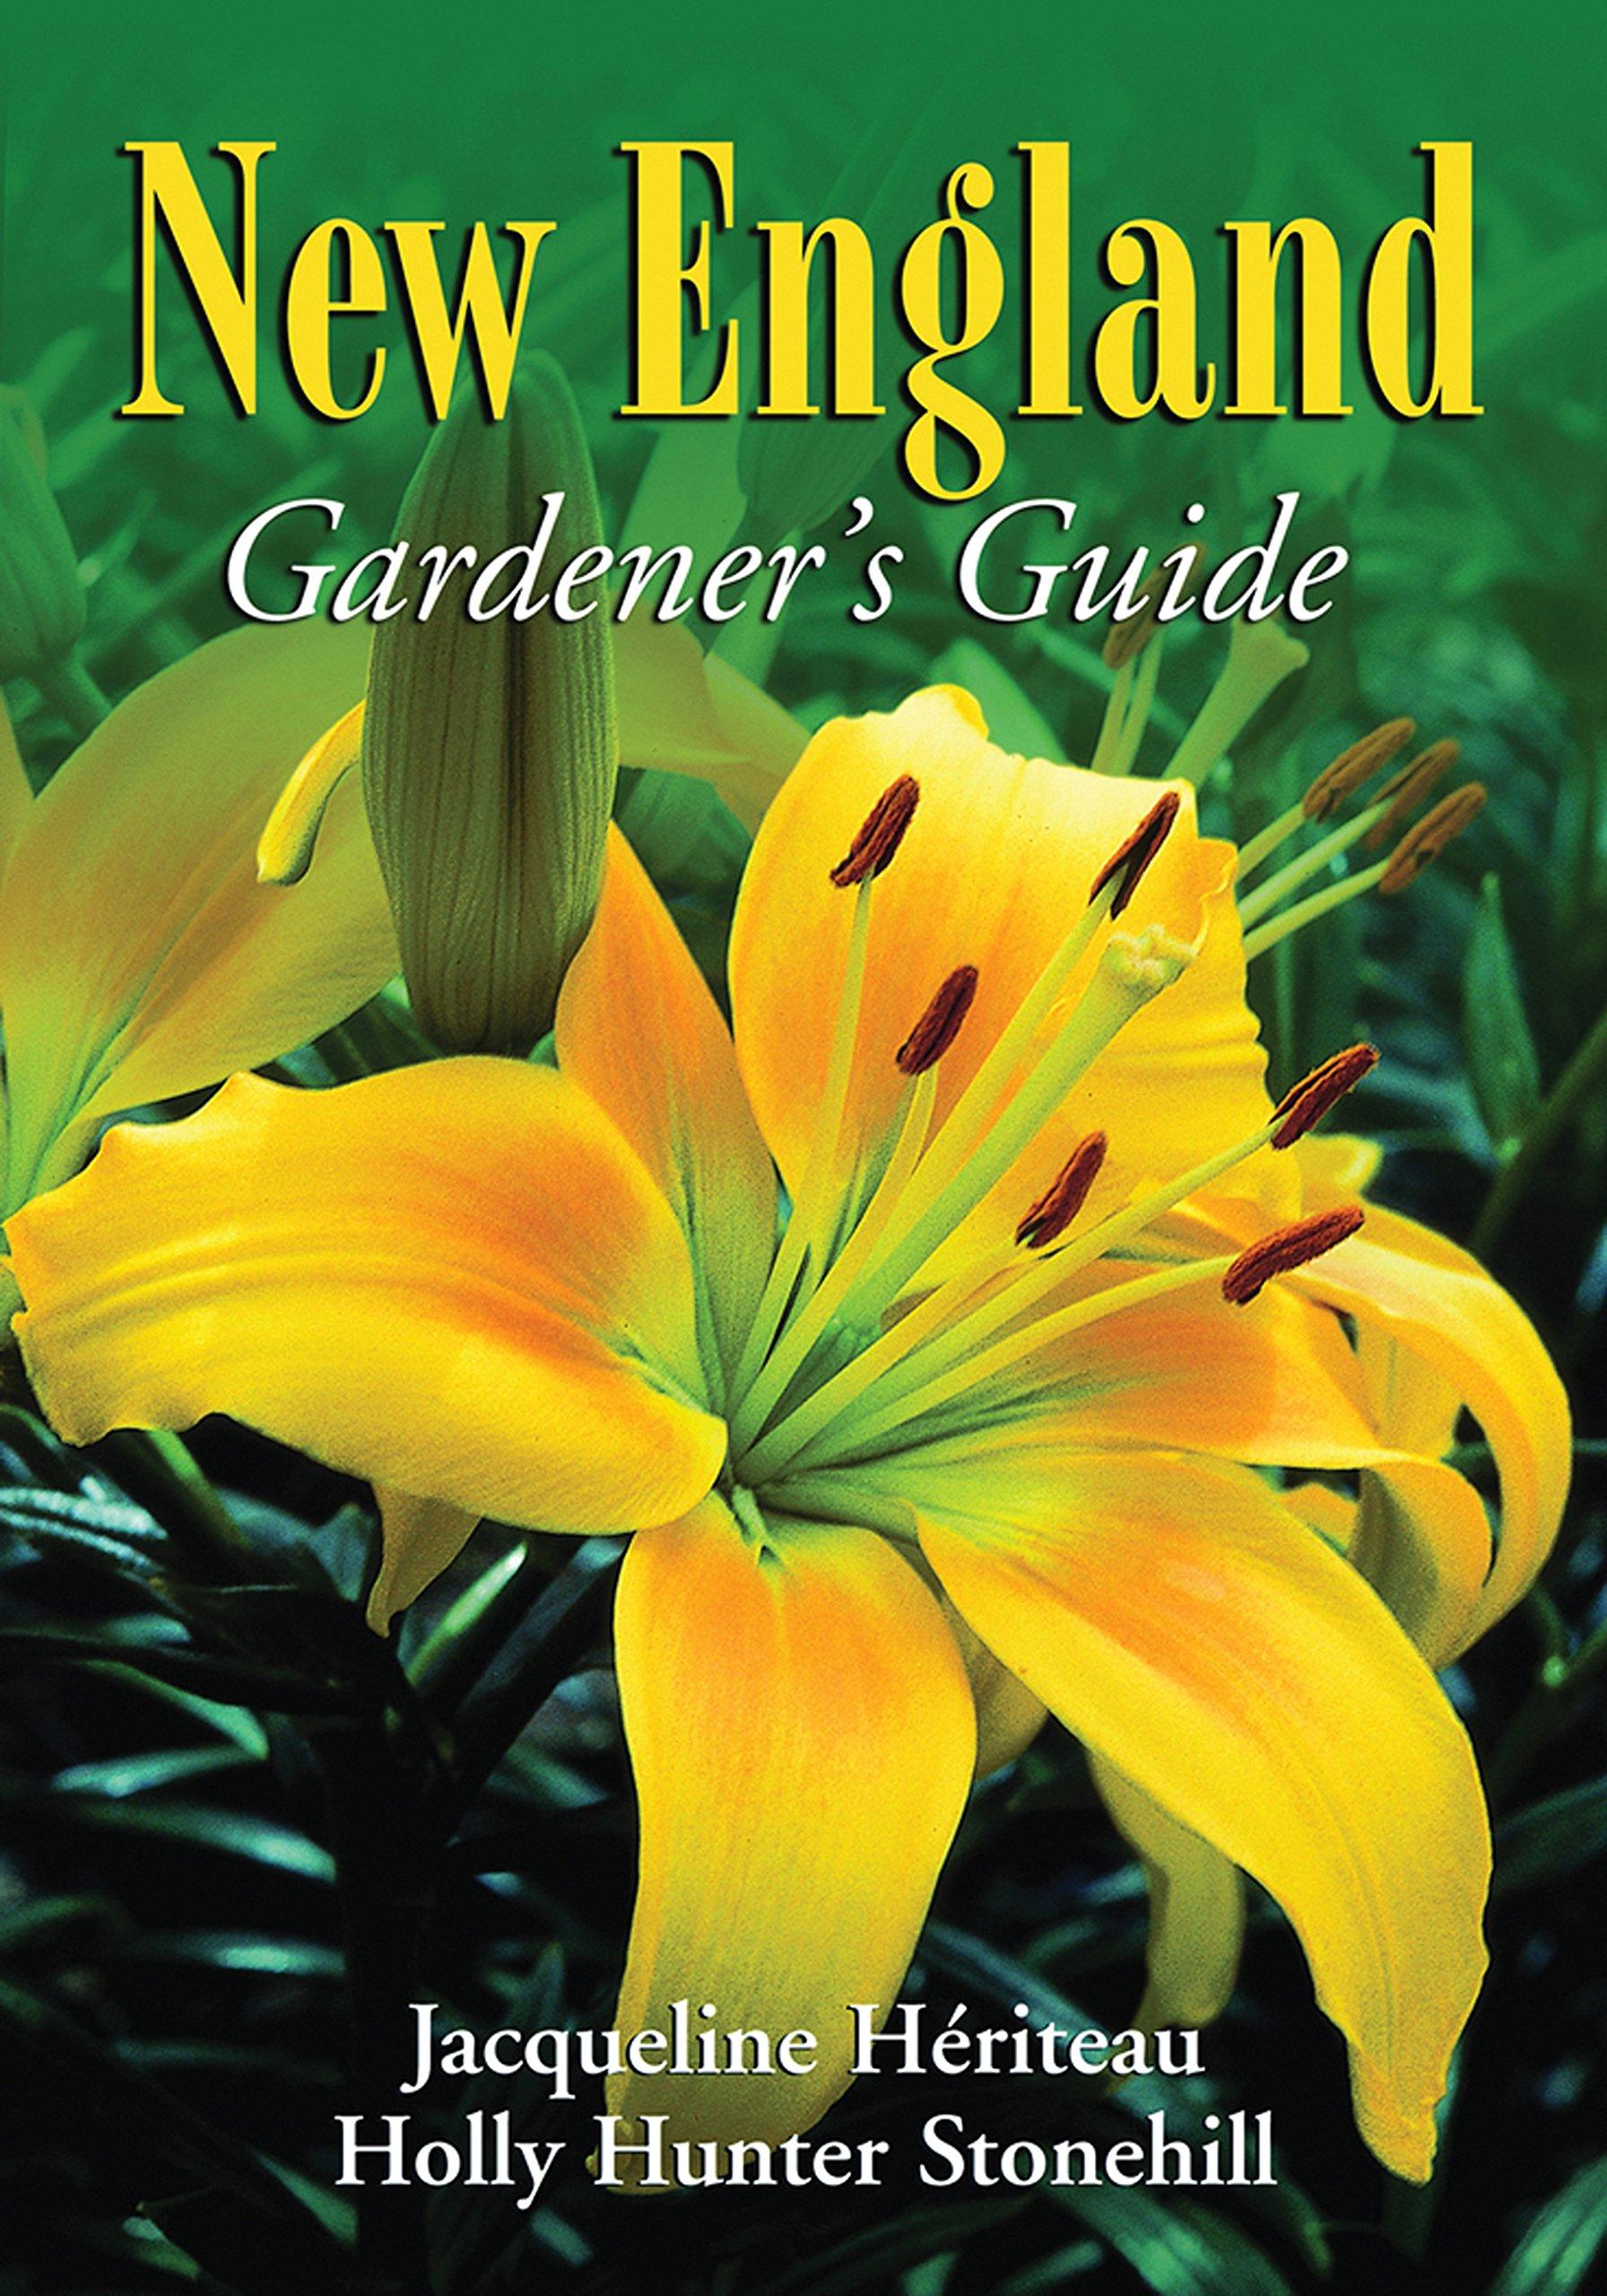 New England Gardener's Guide (Gardener's Guides)